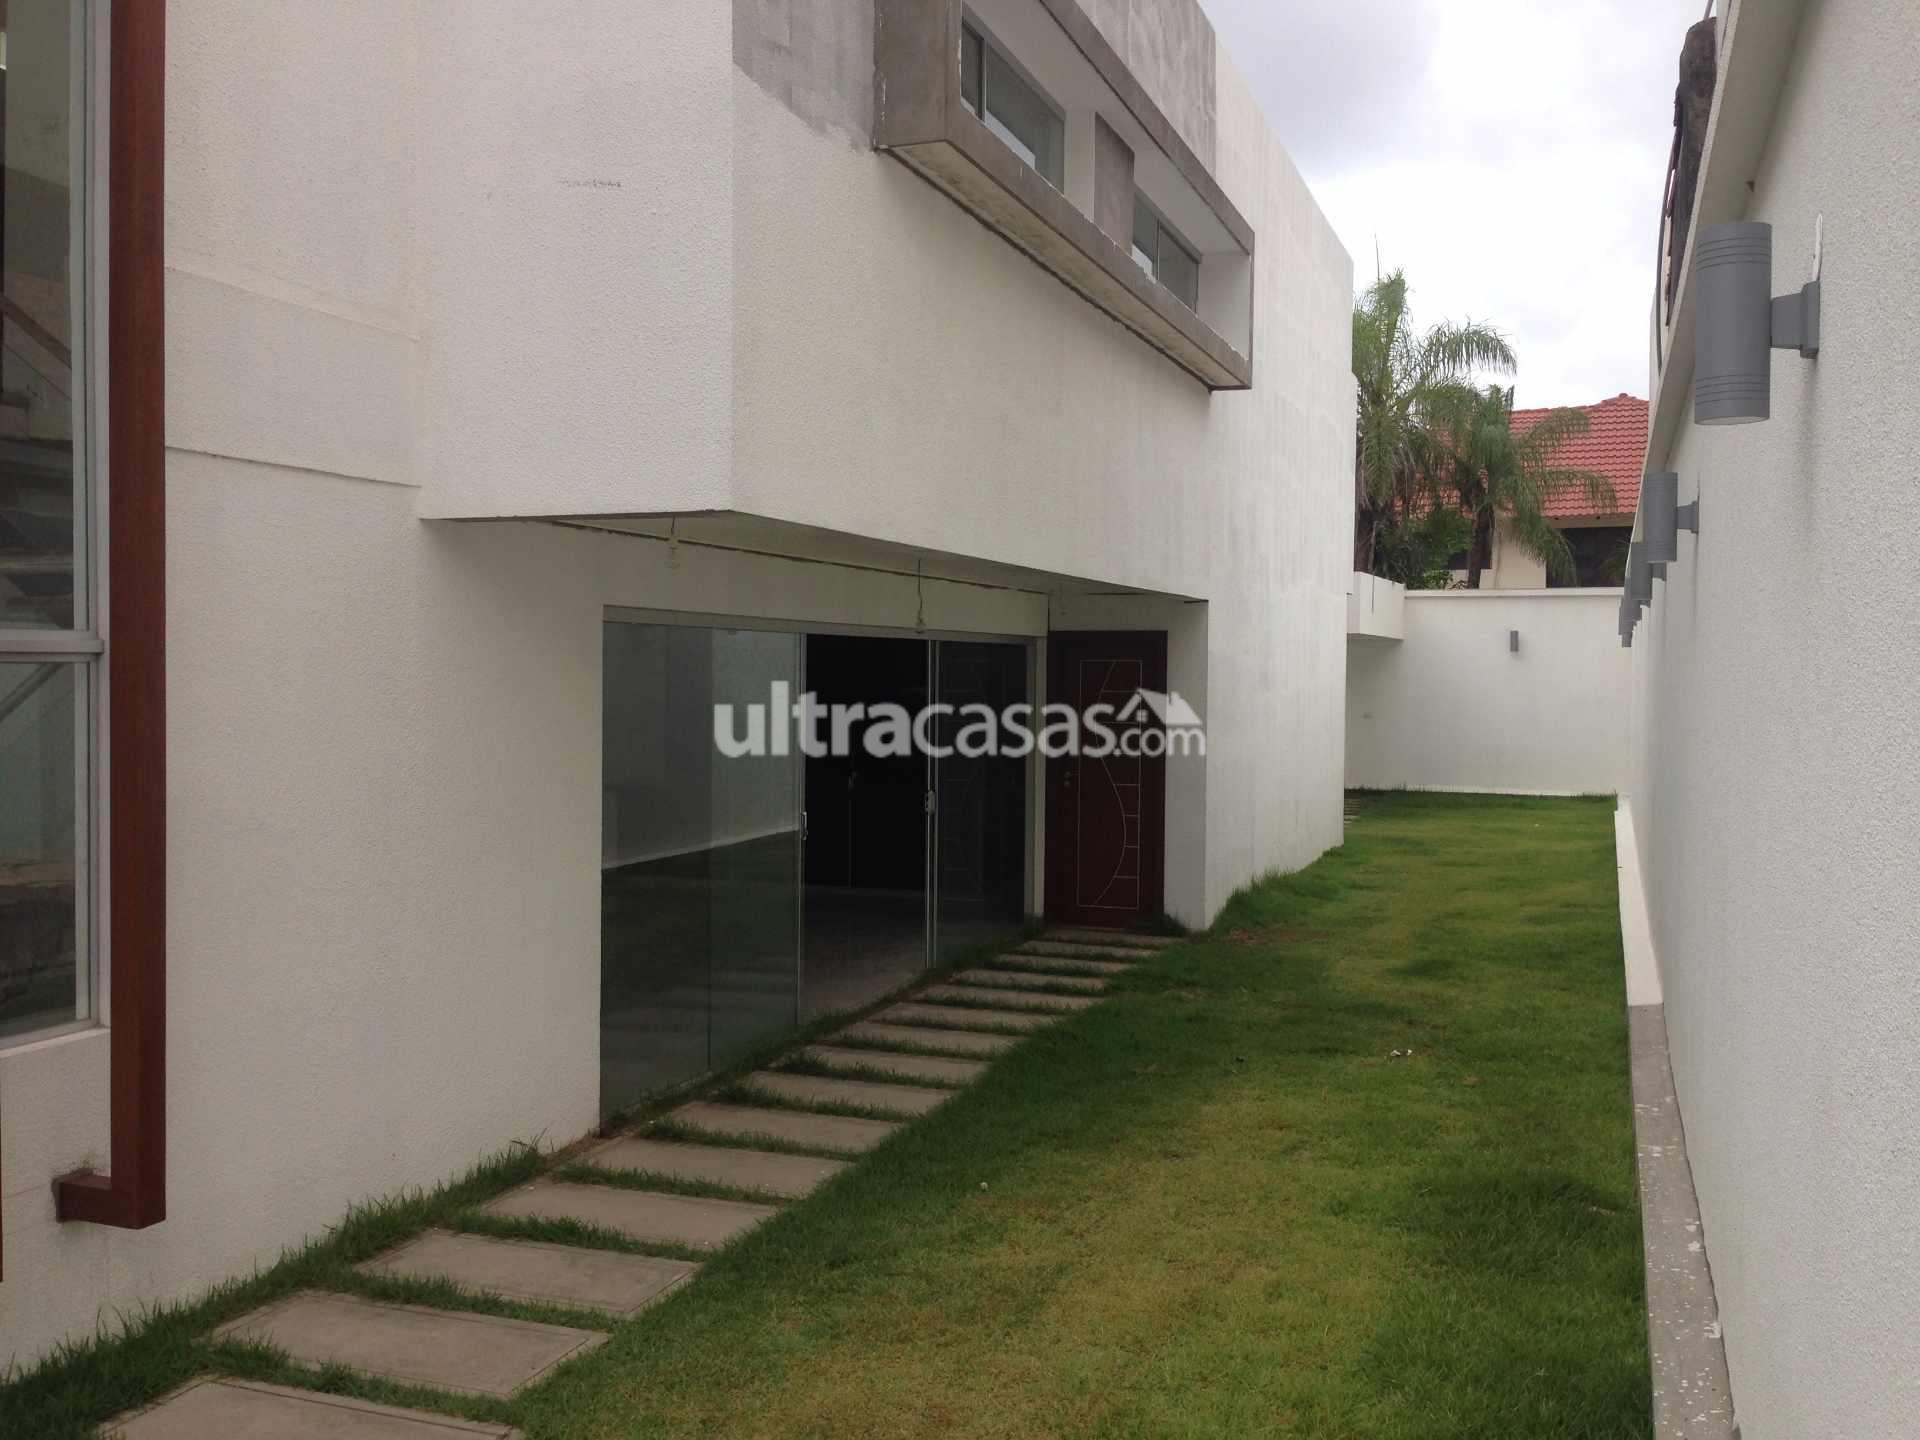 Casa en Venta Las Palmas, entre 3er y 4to anillo (1 cuadra de la Av. Piraí y a 4 cuadras del 4to Anillo) Foto 14